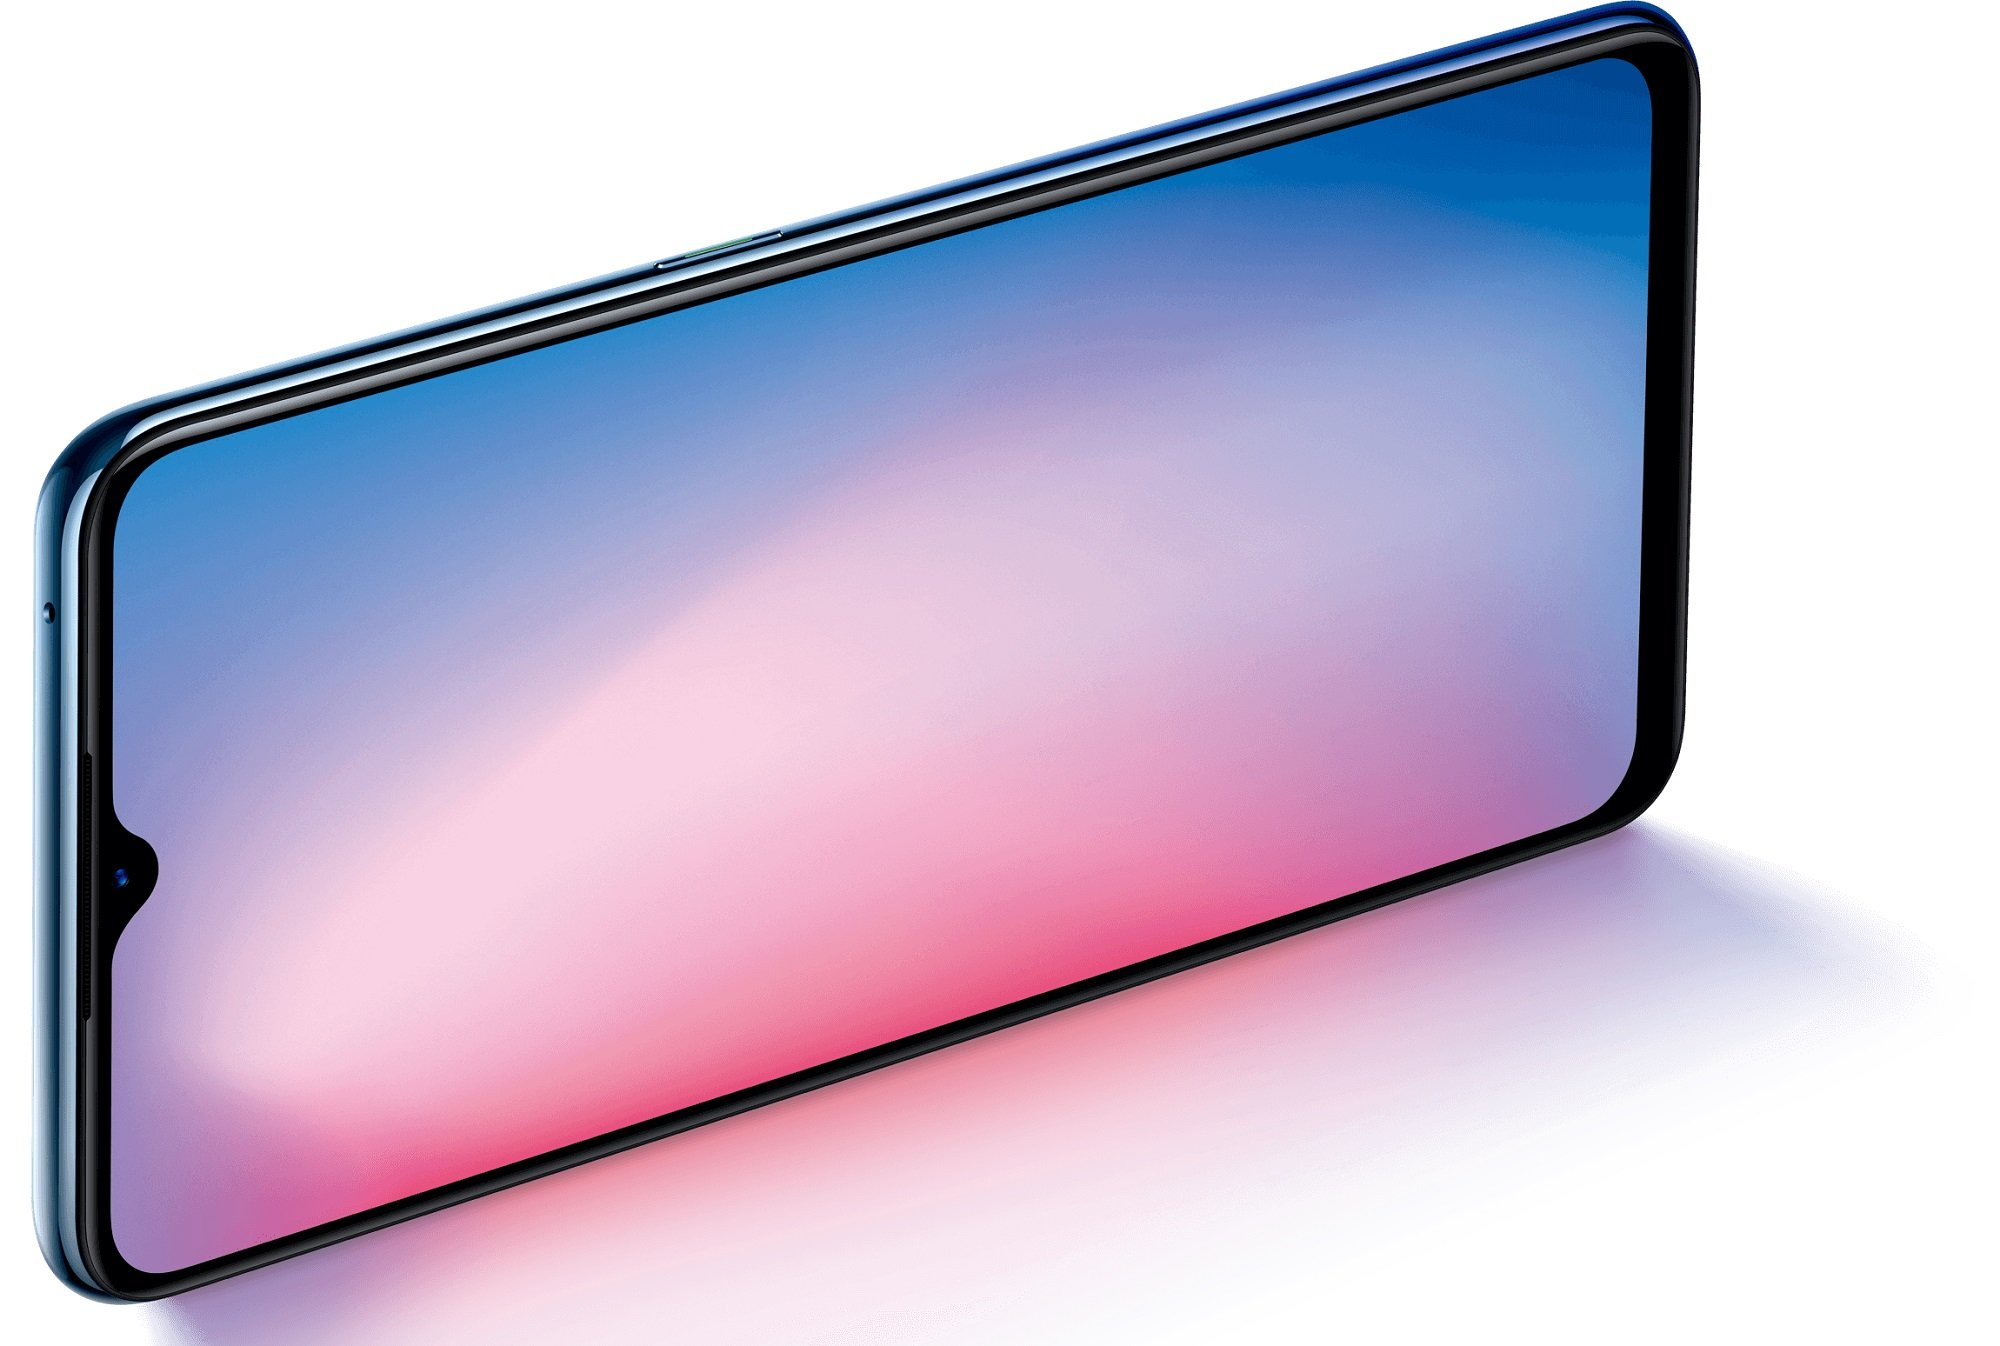 Oppo Reno 3 smartphone